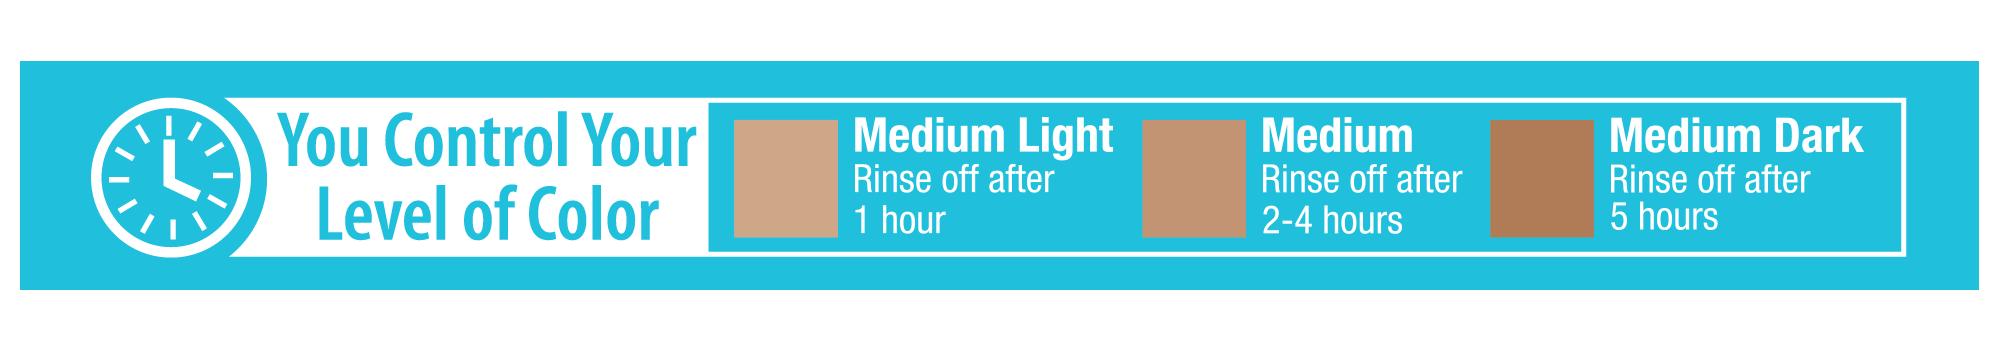 Medieum-Dark-Clock